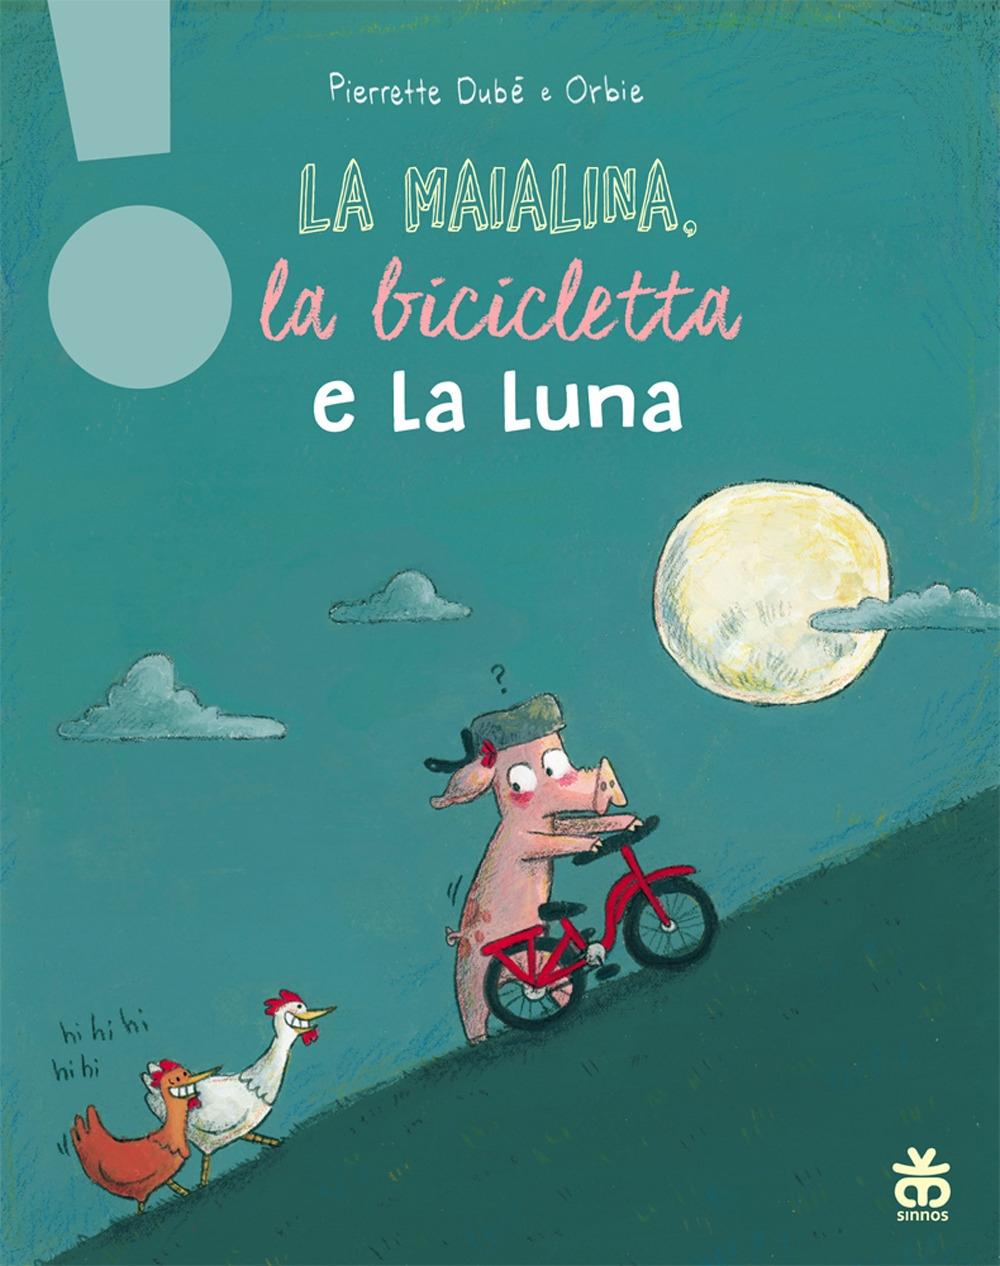 La maialina, la bicicletta e la luna